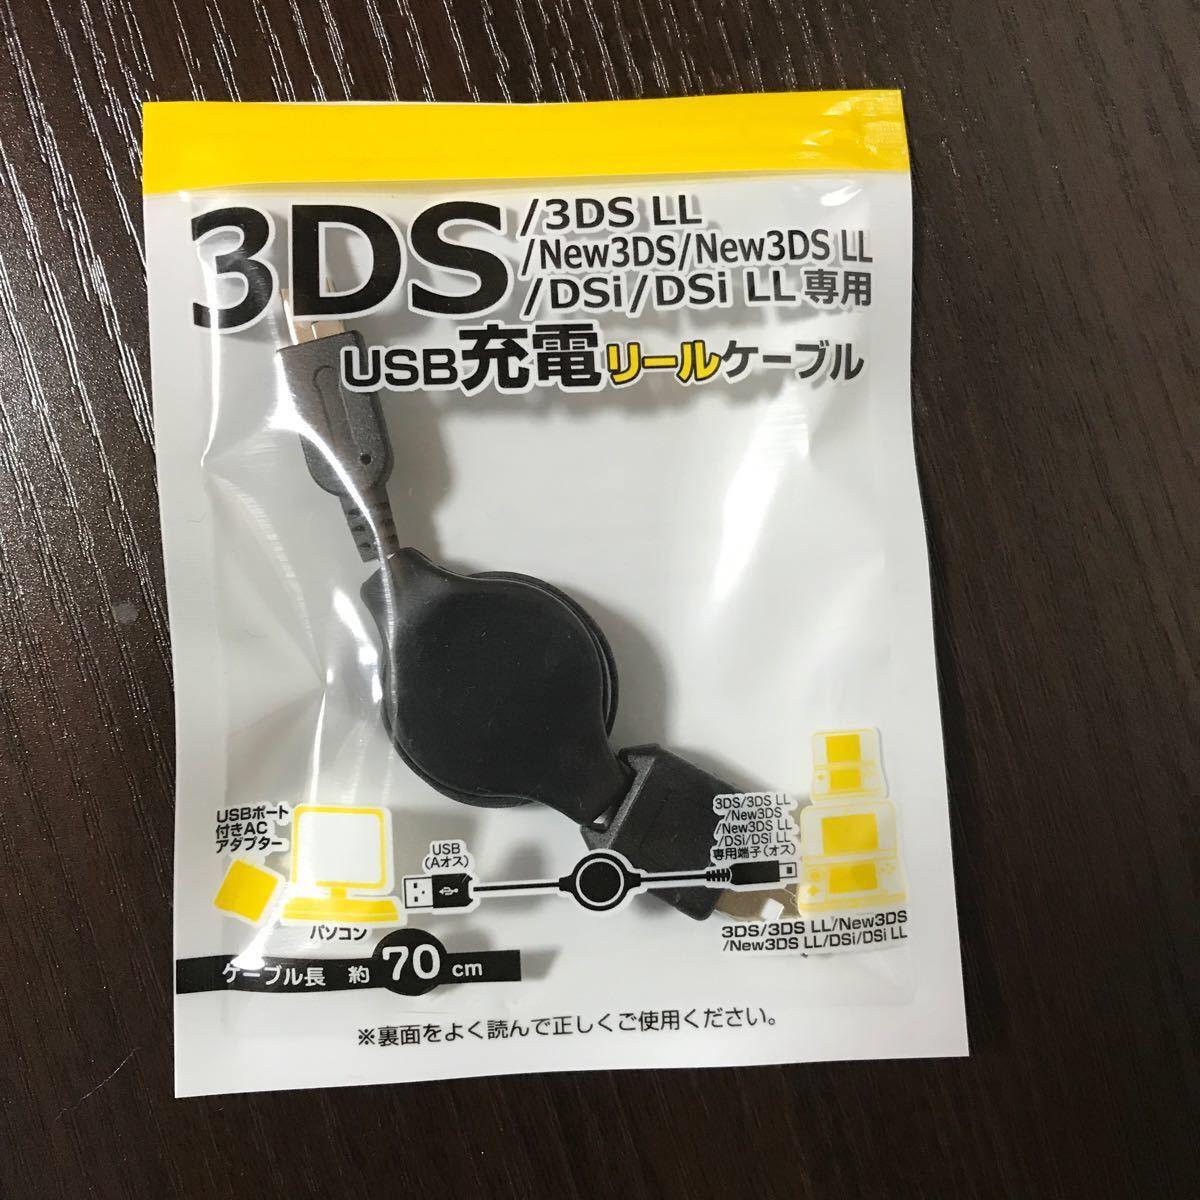 ニンテンドー3DS本体 タッチペン SDカード USB充電ケーブル おまけソフト4本(PS4ソフト含む)